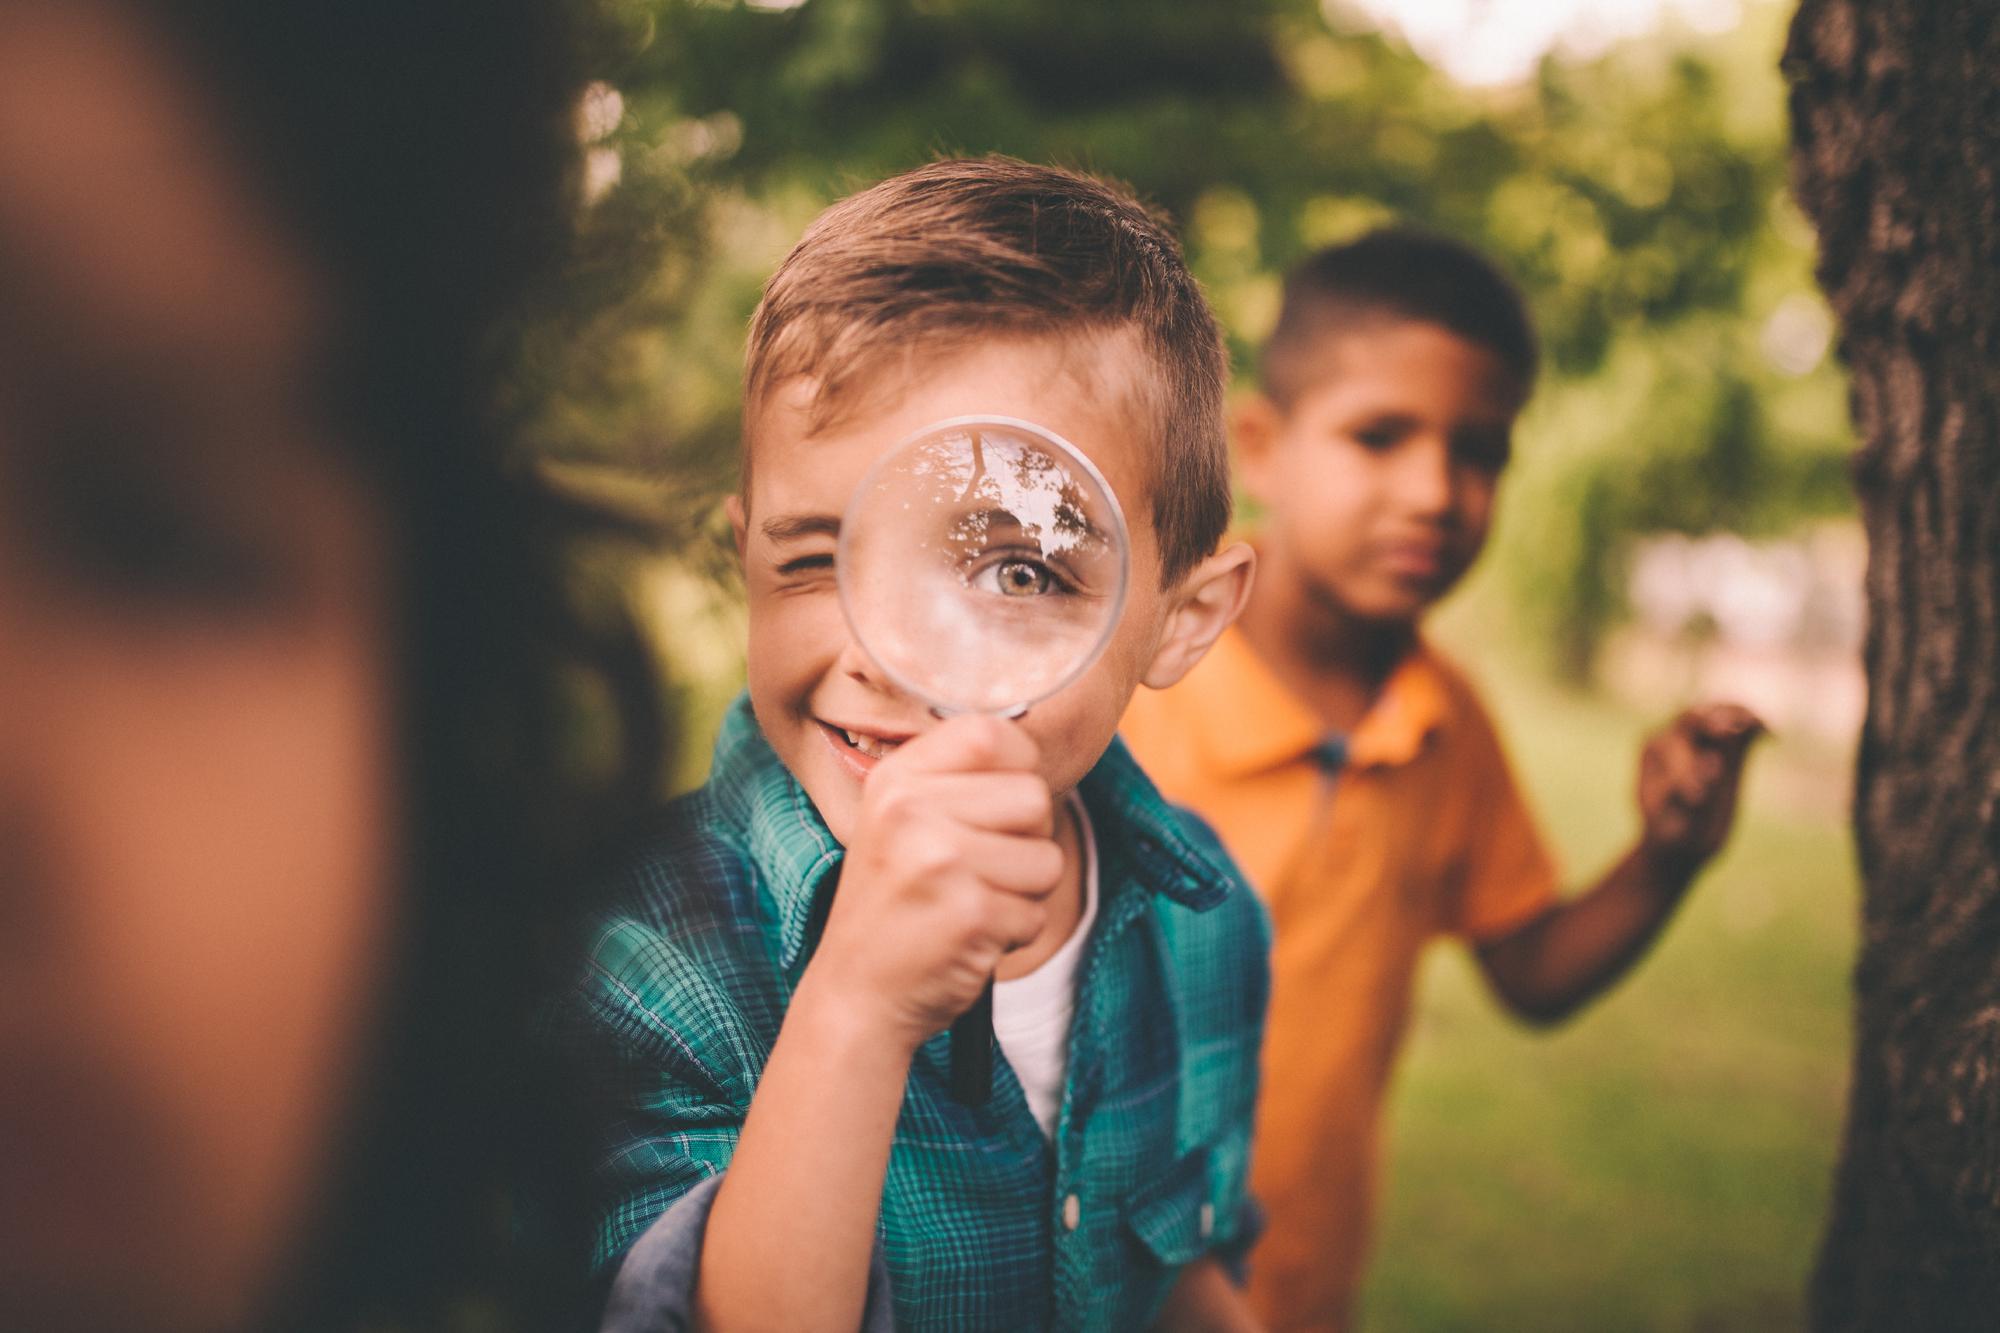 Wir wollen einen Ort, - ... an dem das Sein im Mittelpunkt steht und Raum ist für Kreativität, für Eigeninitiative und persönliche Interessen.Einen Ort, der frei von Druck und Angst ist.Wir wollen einen Ort, der unseren Kindern die Möglichkeit bietet, dass sich soziale Kompetenzen wie Teamfähigkeit, Kommunikationsfähigkeit und Flexibilität natürlich und selbstverständlich entwickeln können, da diese weder gelehrt noch unterrichtet werden können.